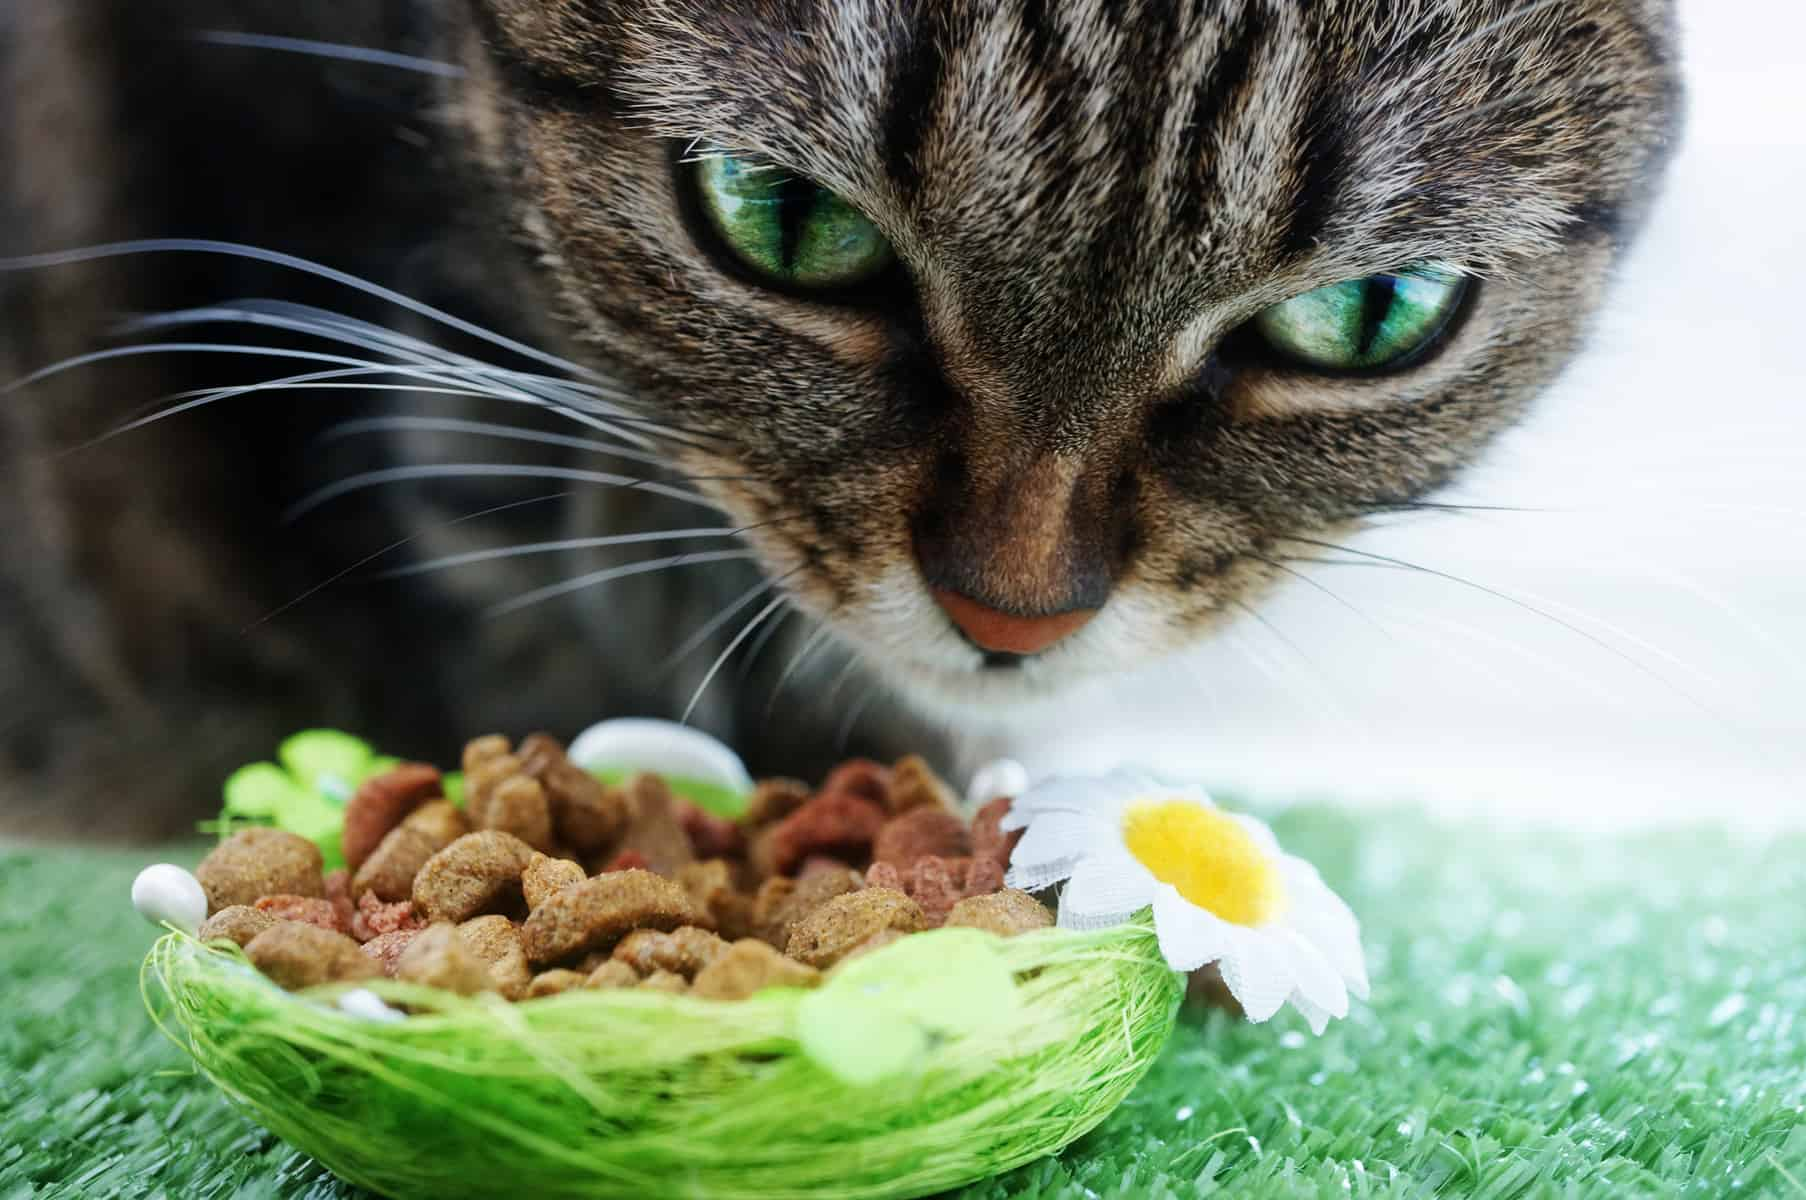 Katze mit grünen Augen